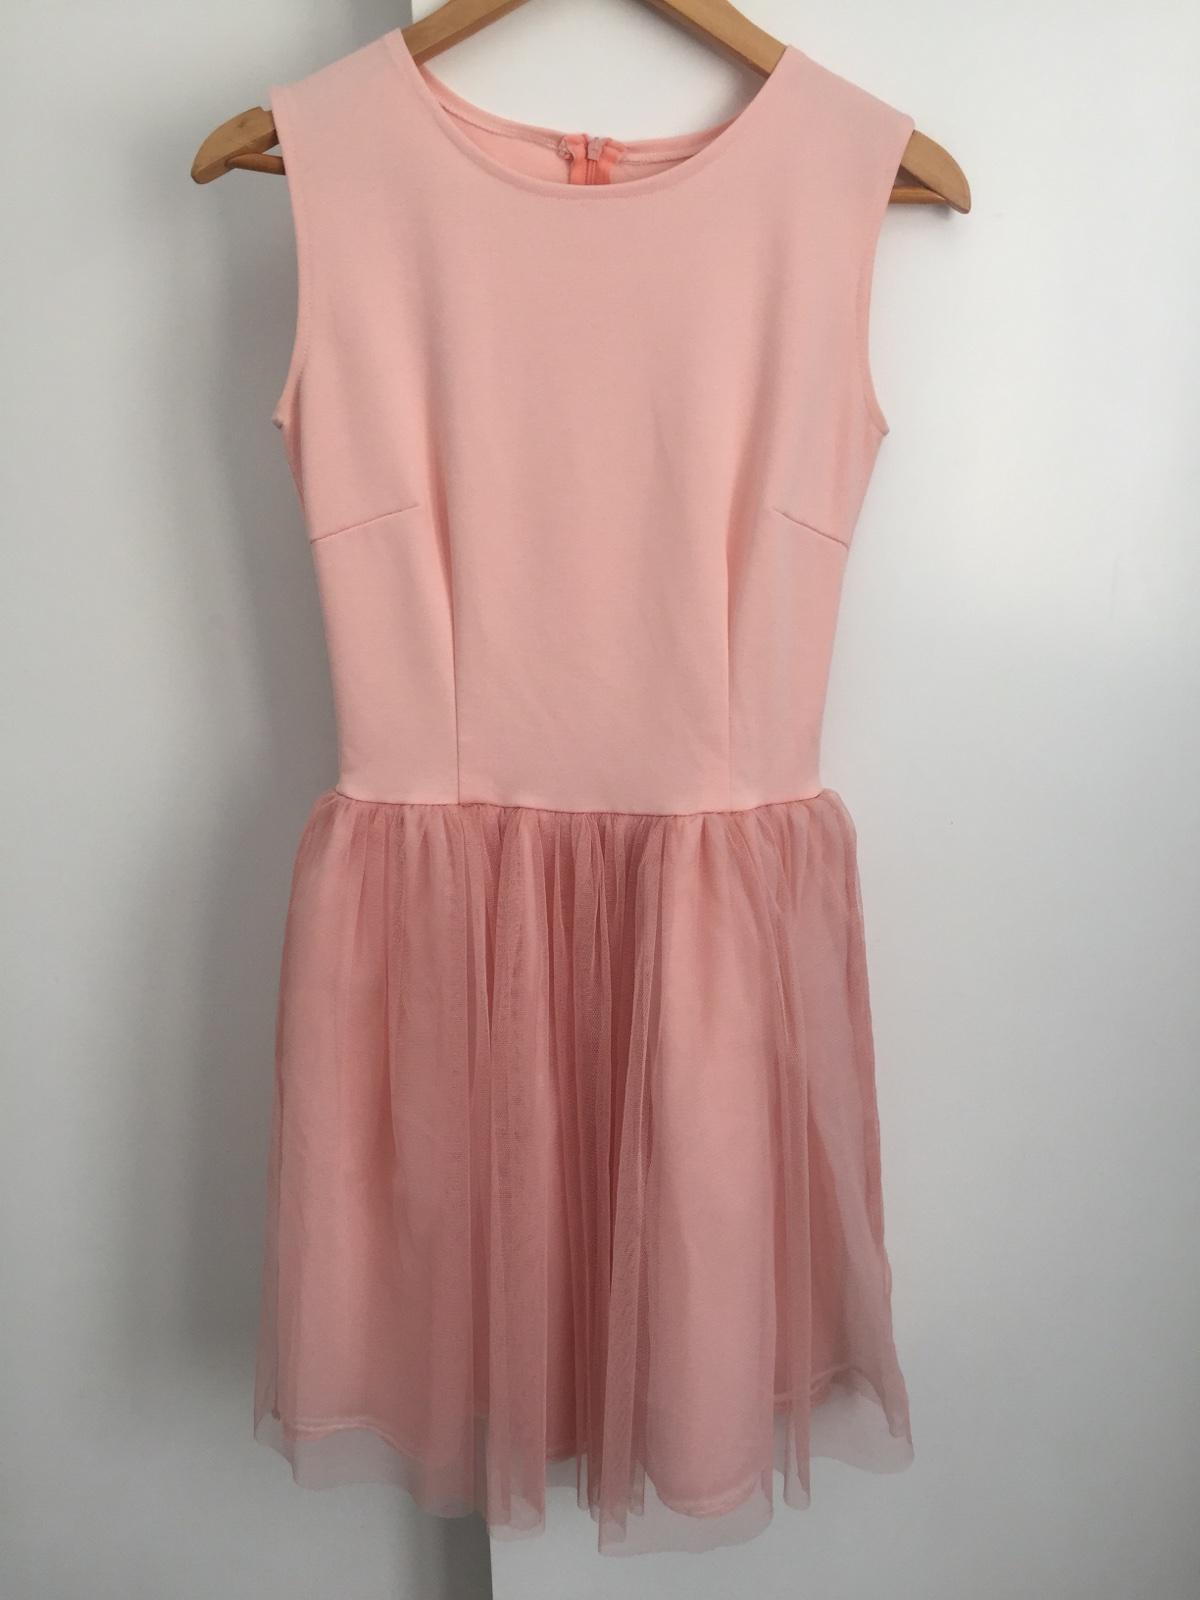 Vílovské šaty - Obrázok č. 4